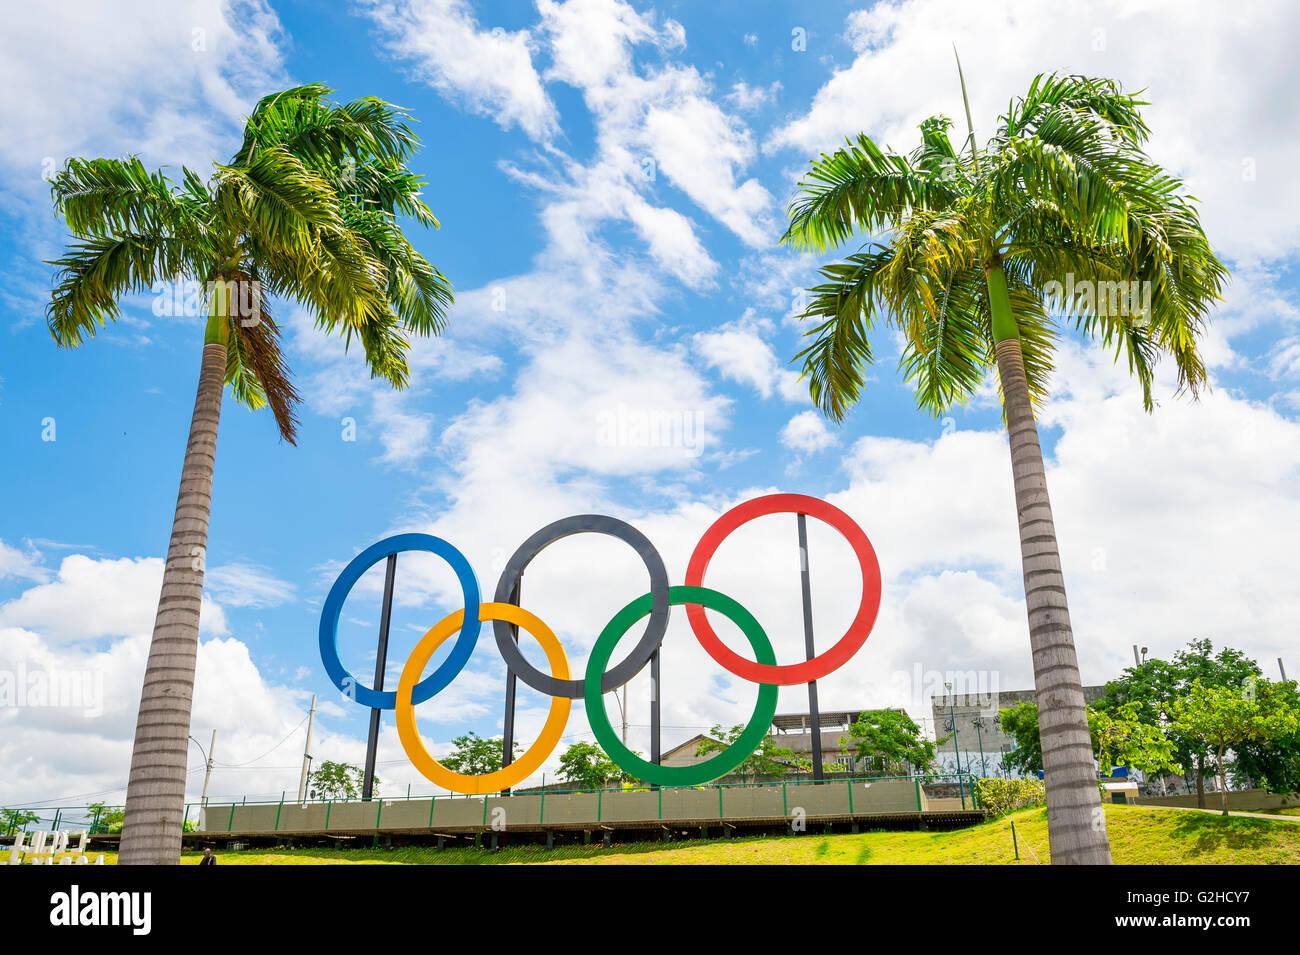 RIO DE JANEIRO - le 18 mars 2016: anneaux olympiques se tiennent près de grands palmiers dans Parque Photo Stock